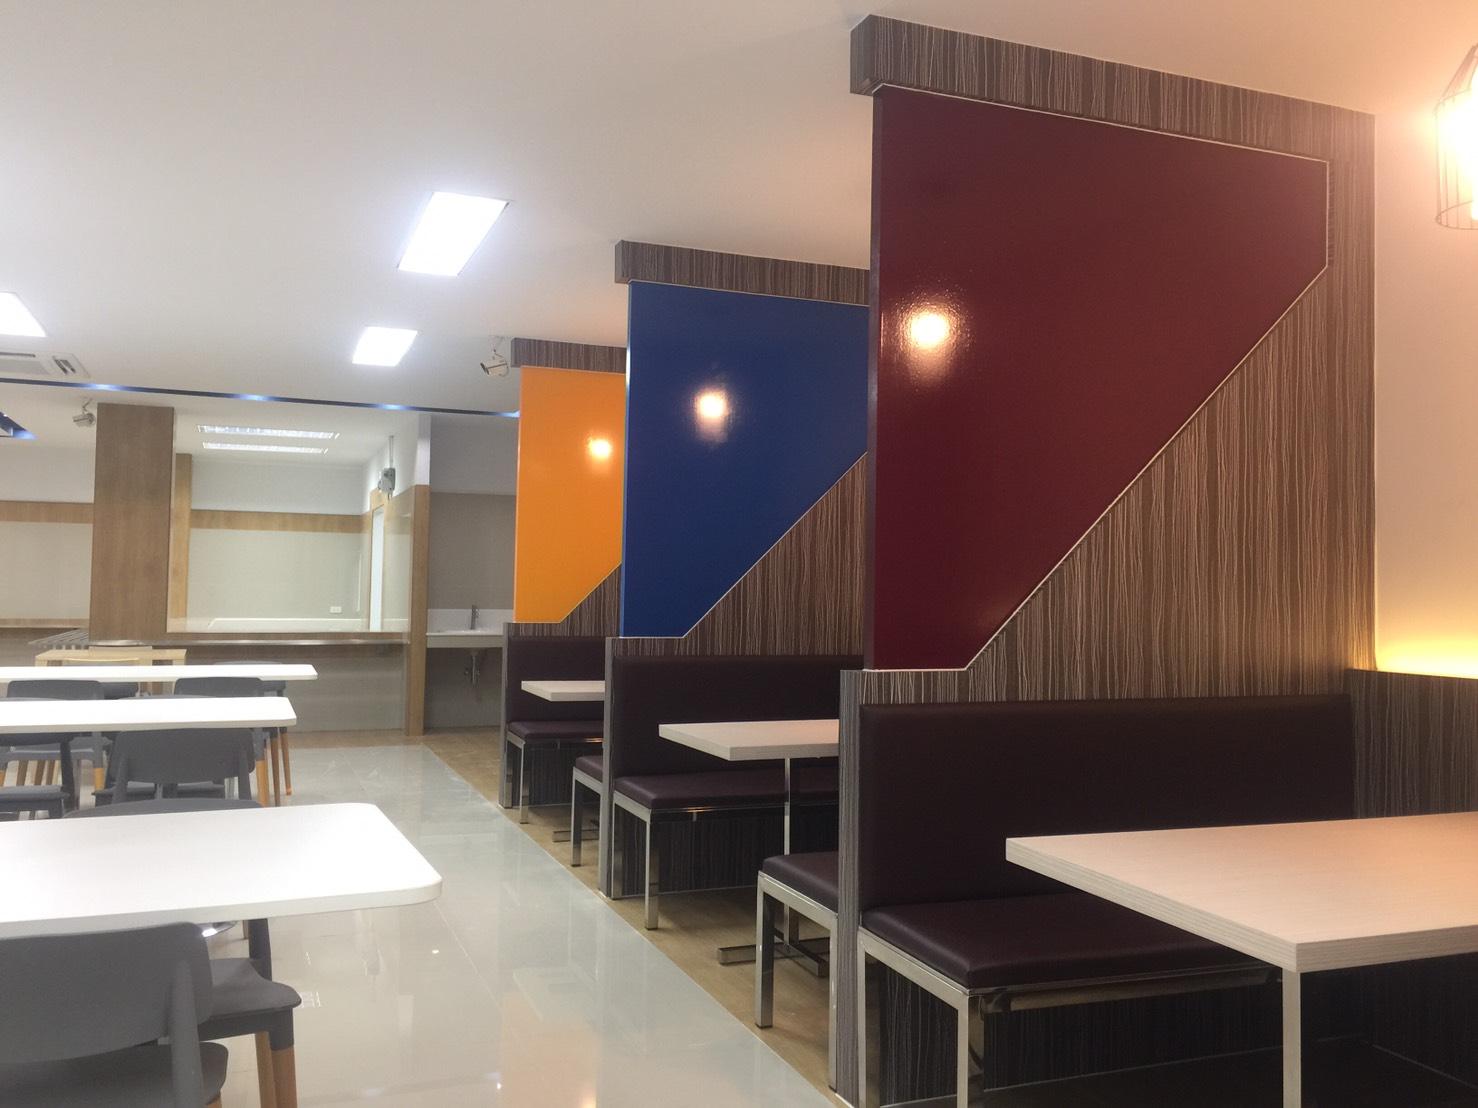 Canteen - ศูนย์อาหาร มหาวิทยาลัยมหิดล